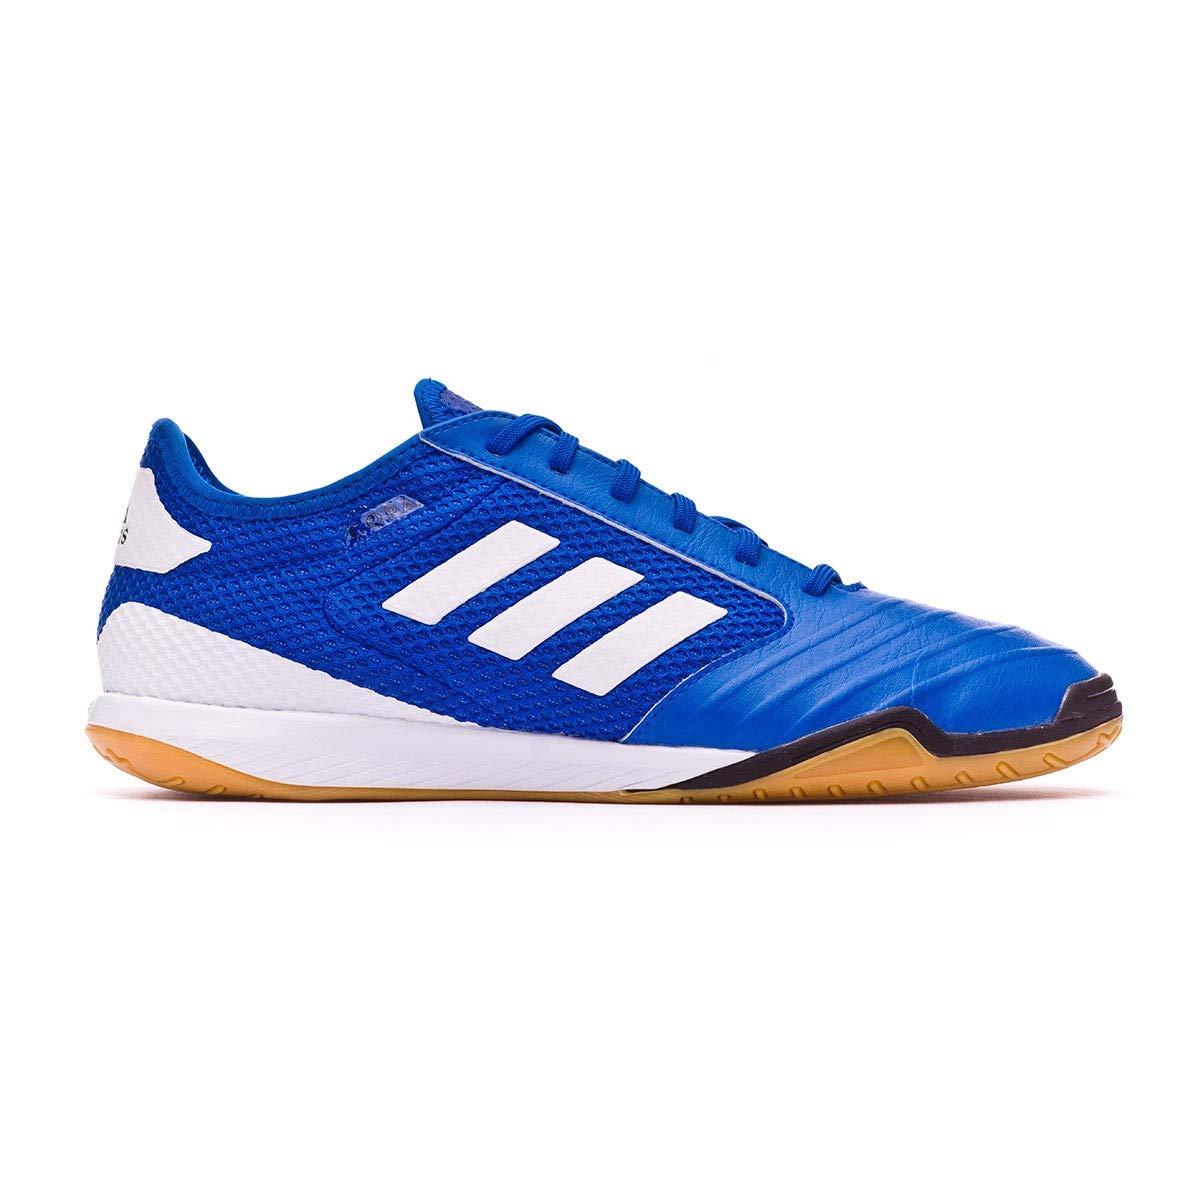 Adidas Herren Herren Herren Copa Tango 18.3 Sala Futsalschuhe f780db